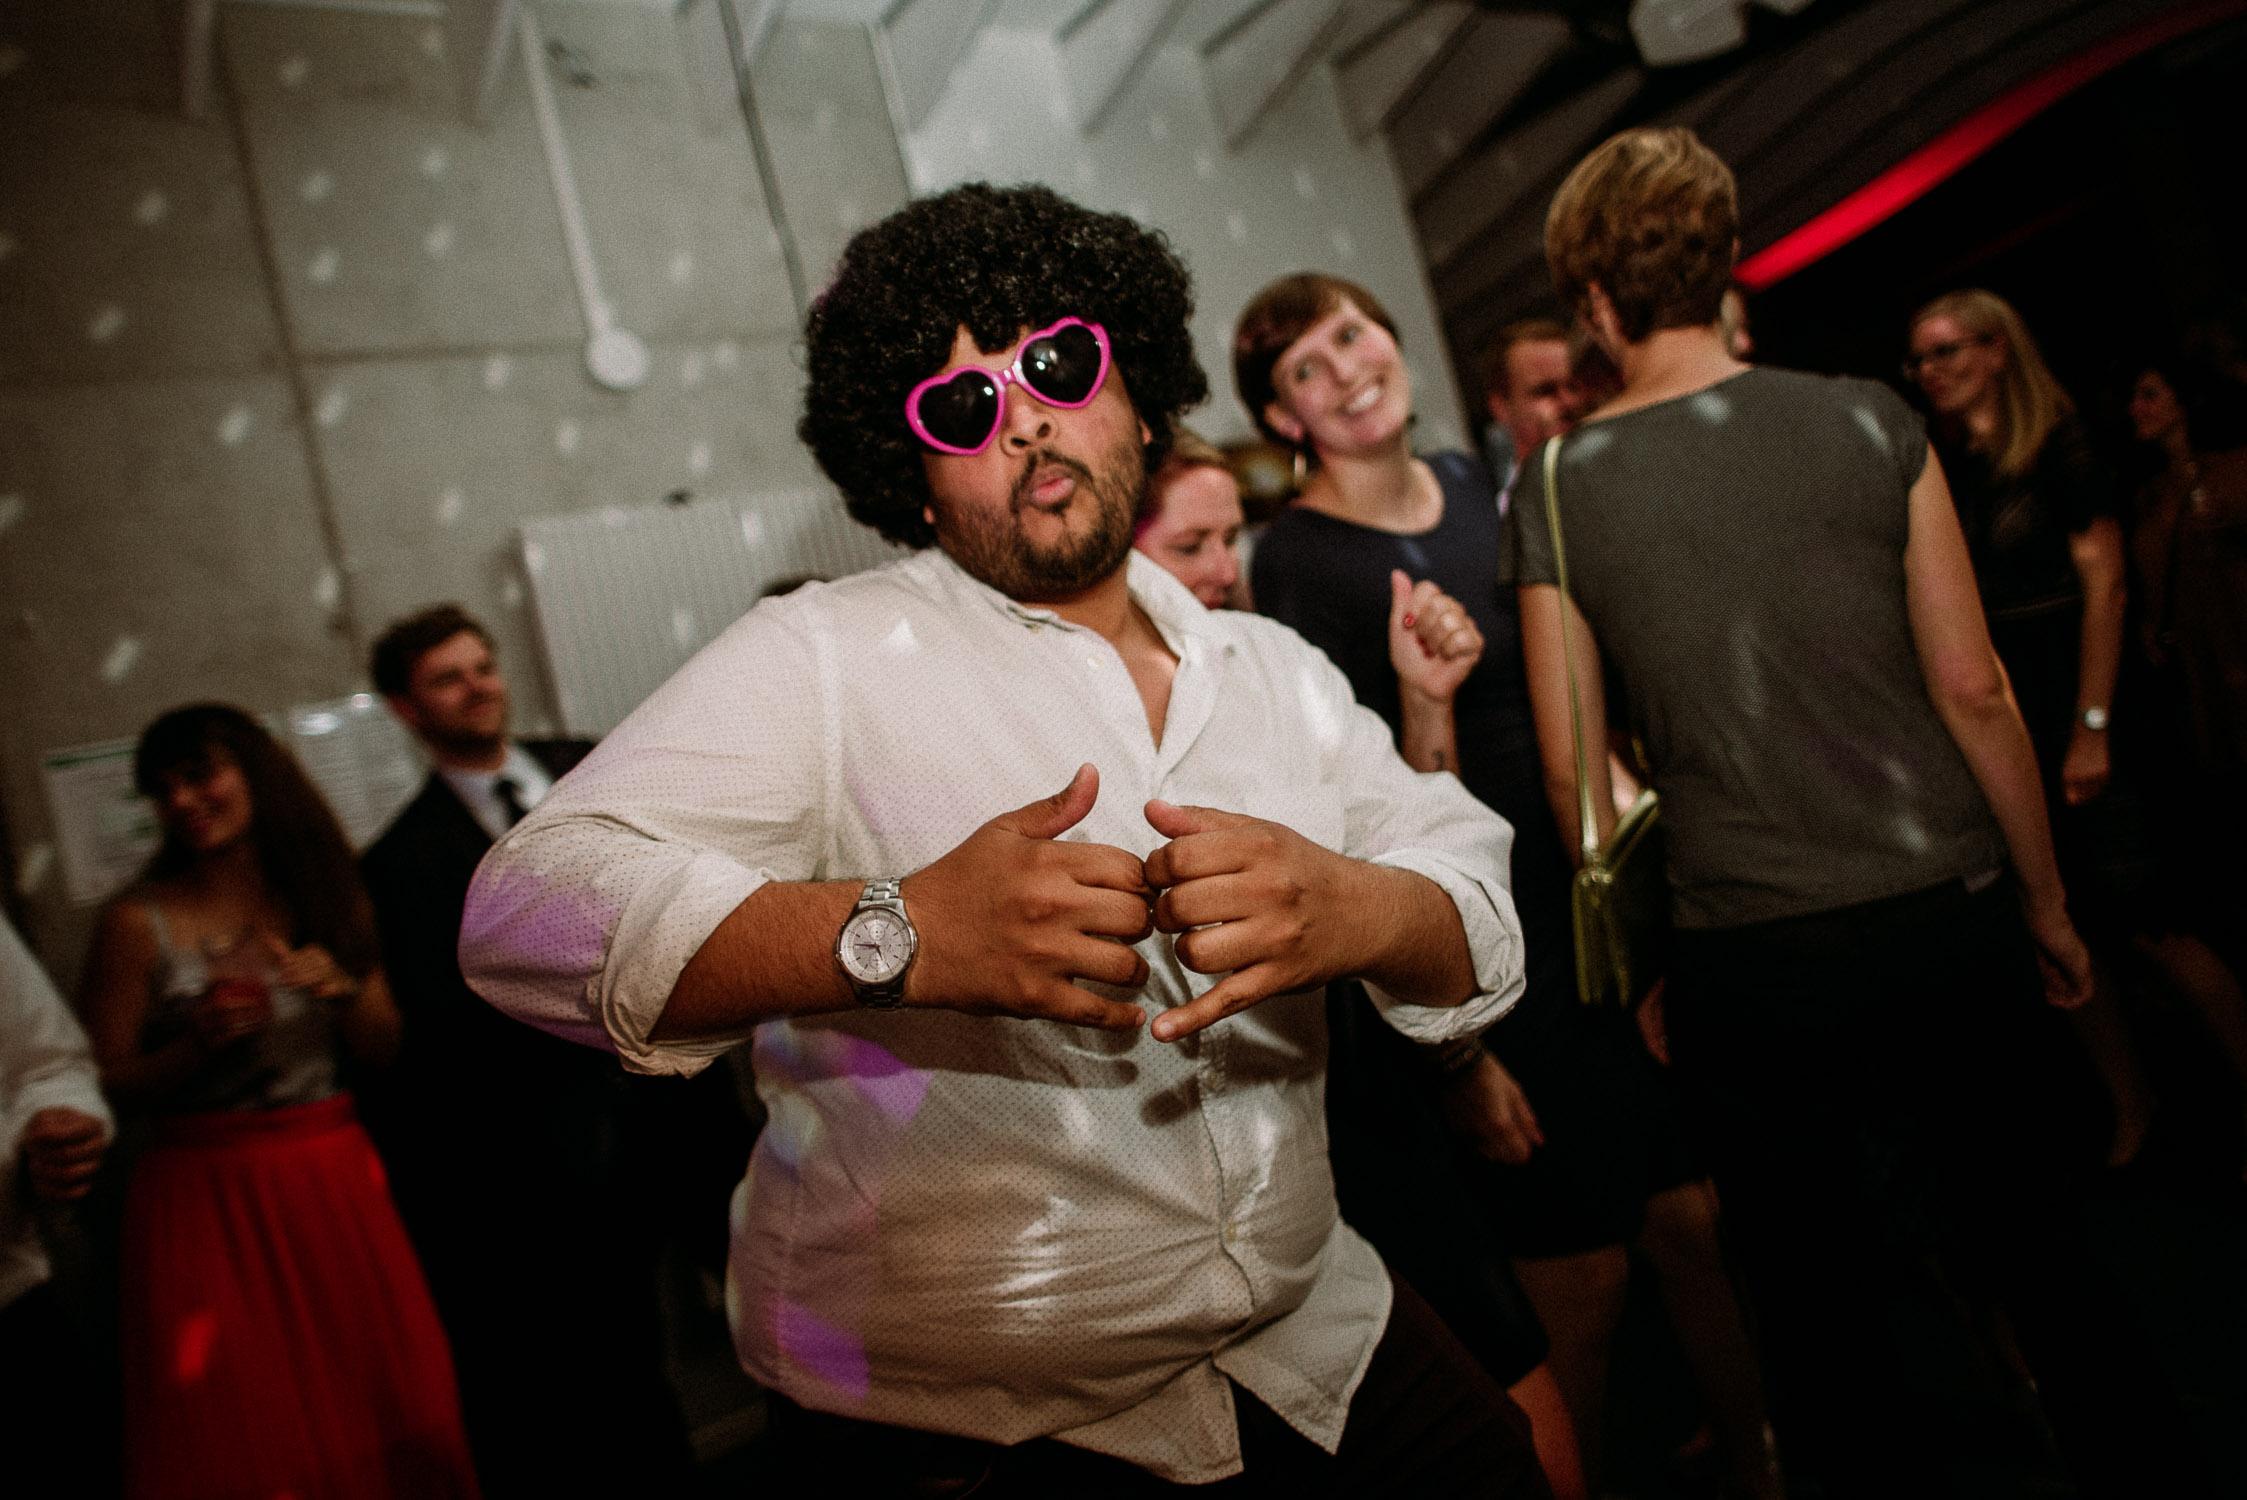 Hochzeit Party Hamburg Hafen Altona Kiez Hochzeitsfotograf Hannes Harnack-5442